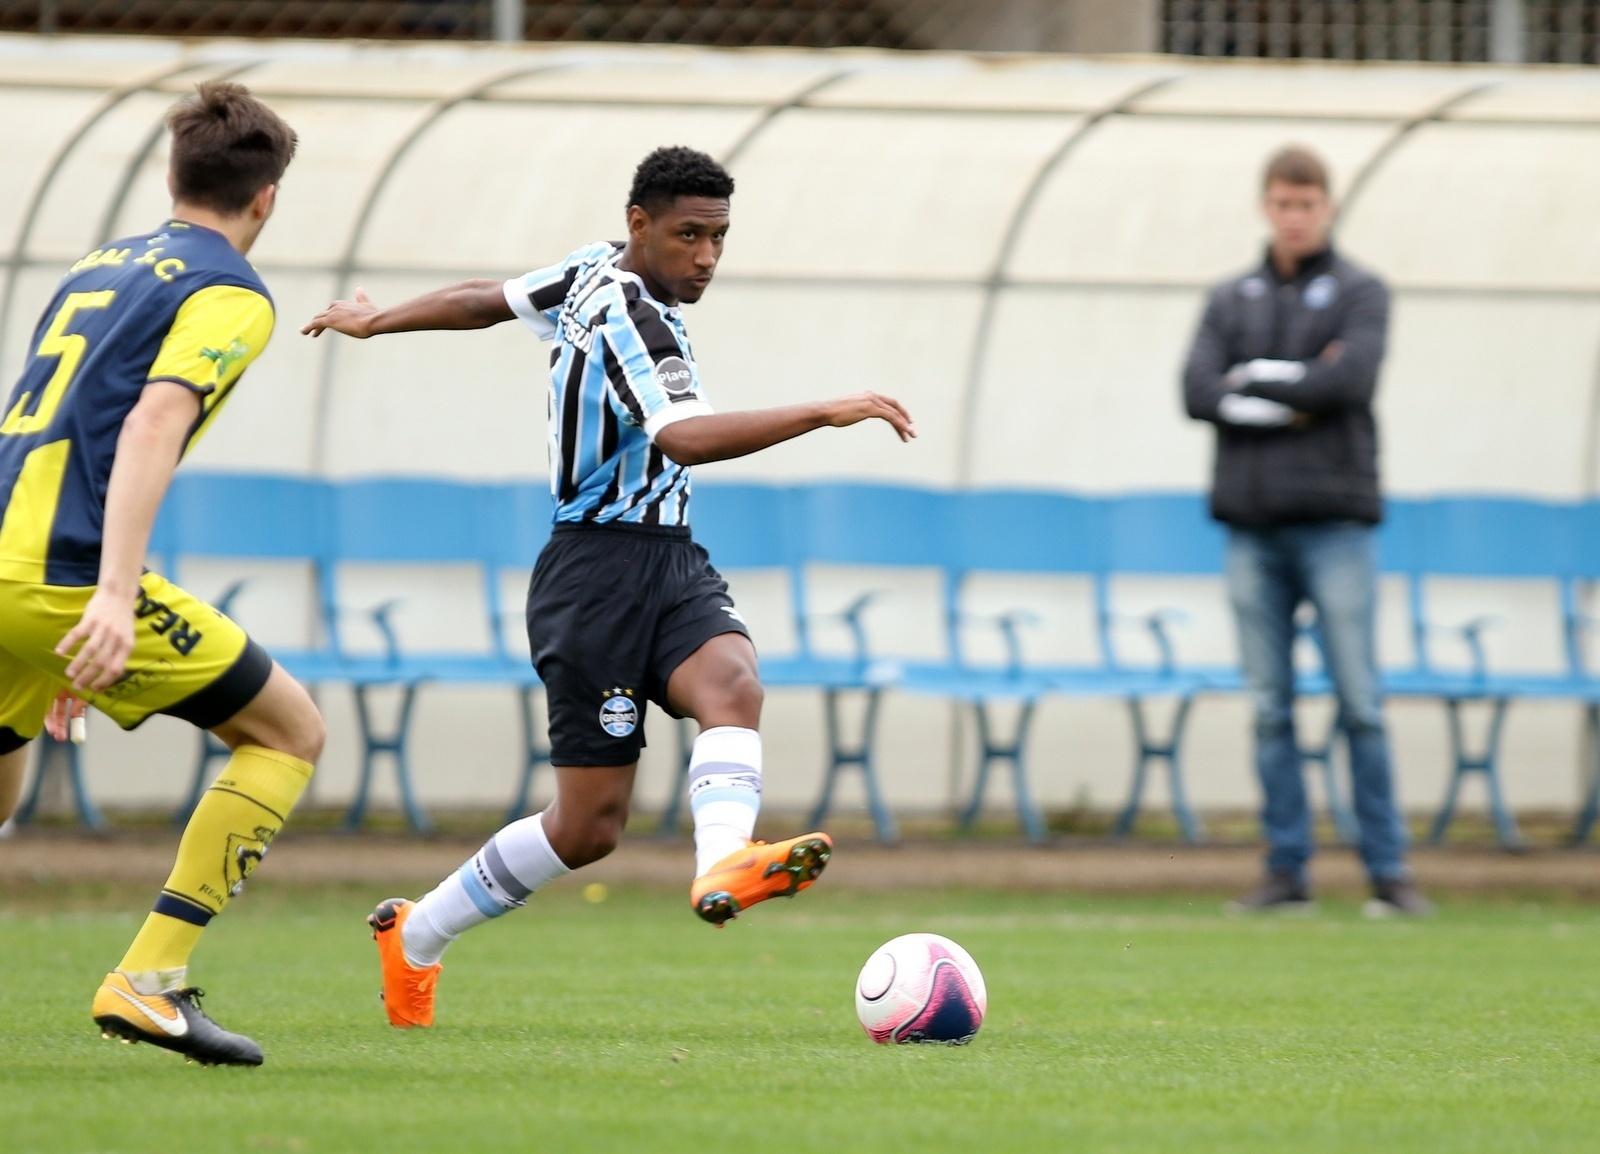 Shakhtar insiste em negócio e Grêmio estuda situação de Tetê - 25 01 2019 -  UOL Esporte c32e3090ae836